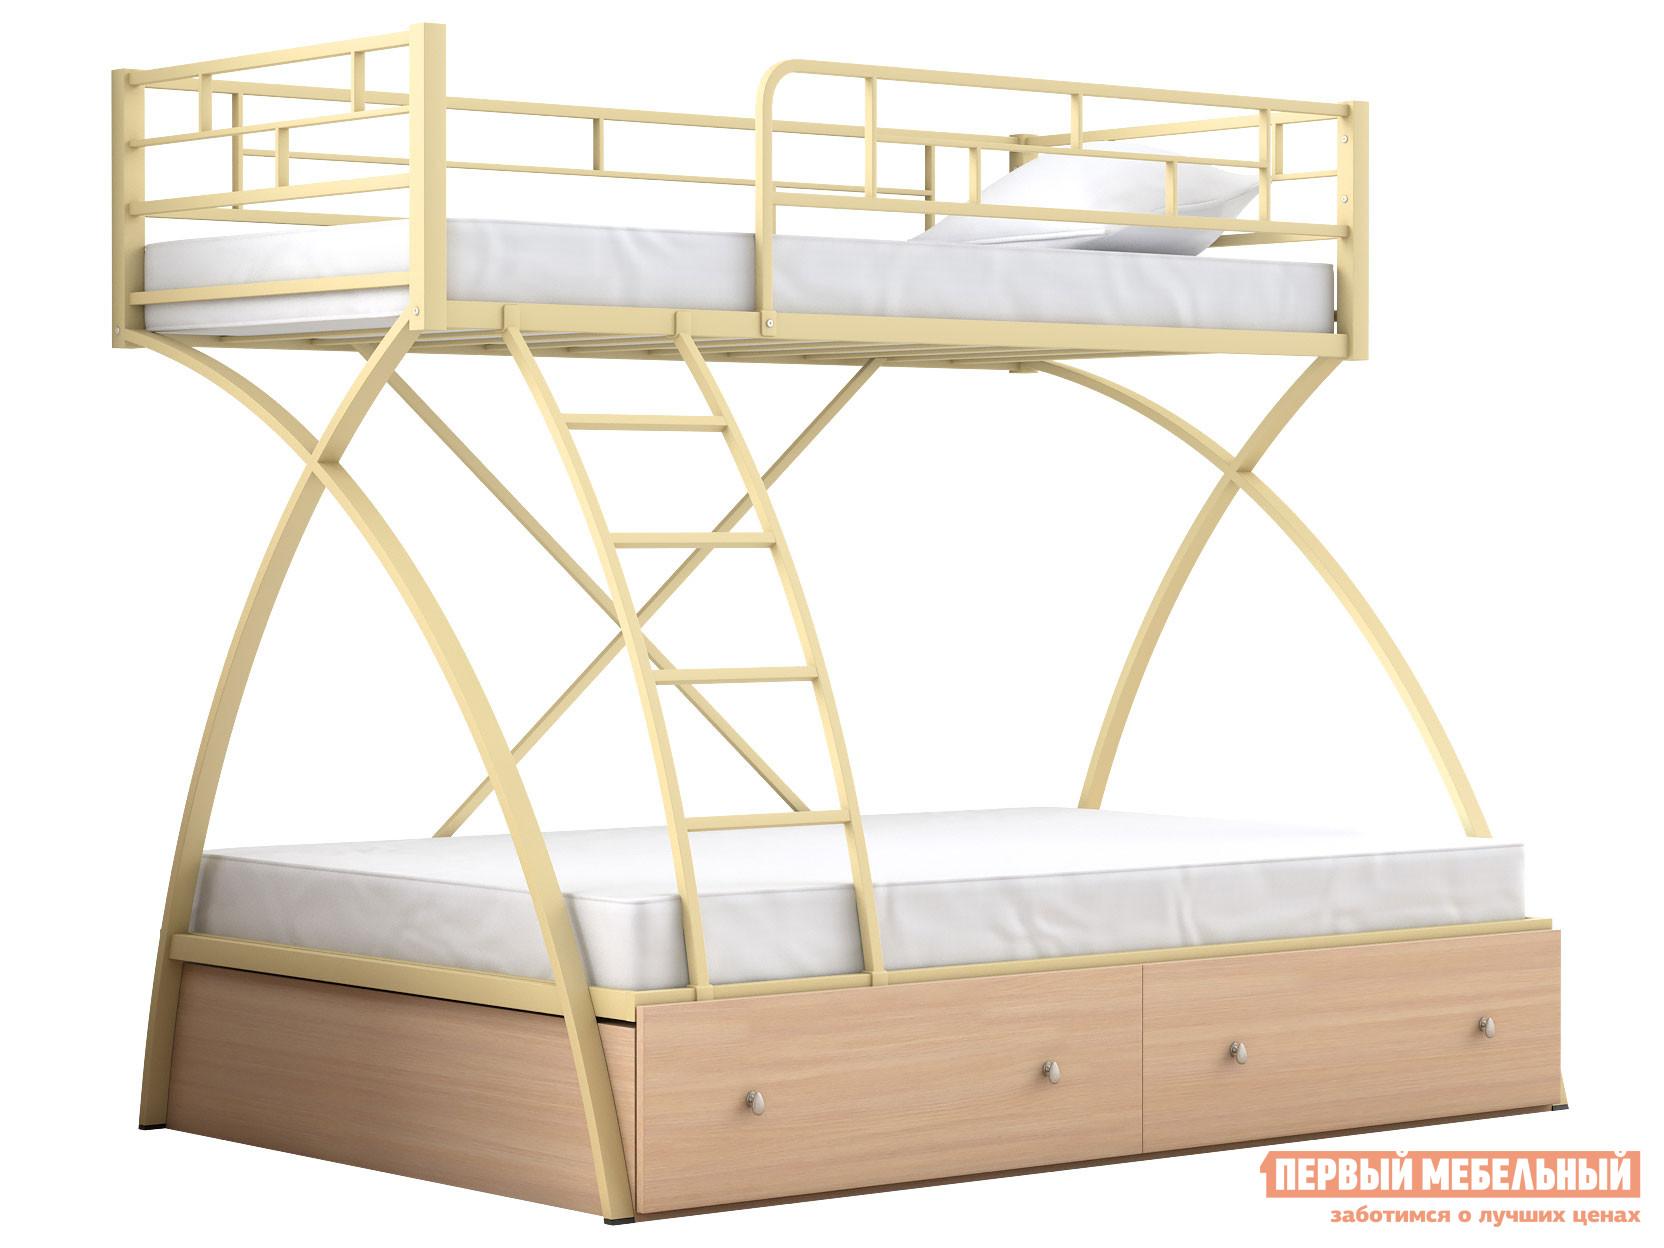 Двухъярусная кровать МФ 4 Сезона Двухъярусная детская кровать Клео 1 с ящиками